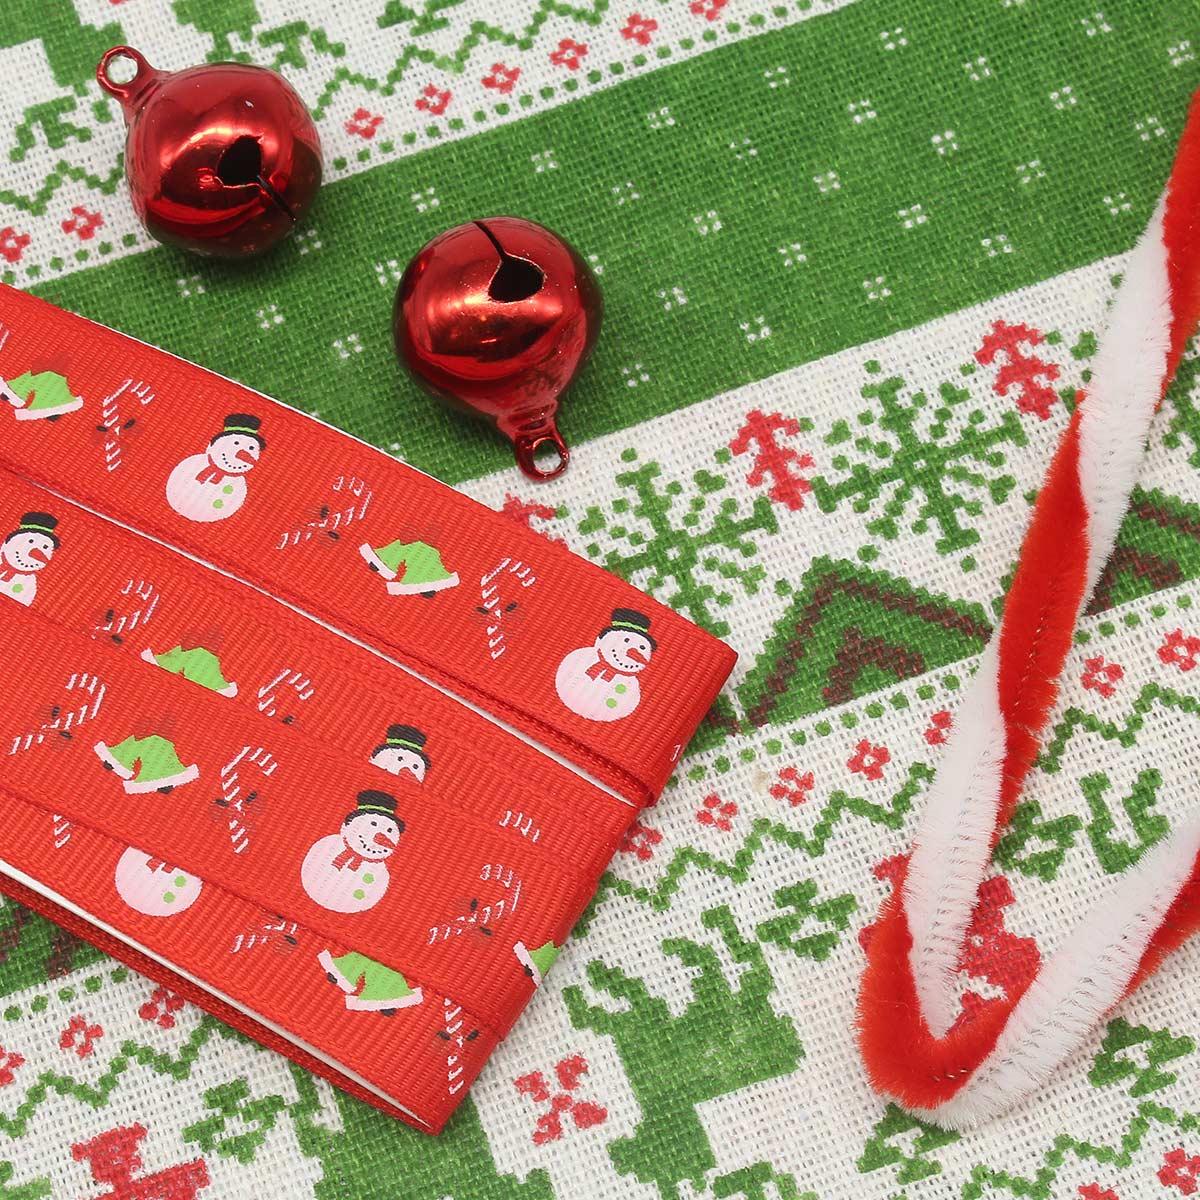 29477 Набор 'Новогодний', ткань для рукоделия 50см*50см, + аксессуары